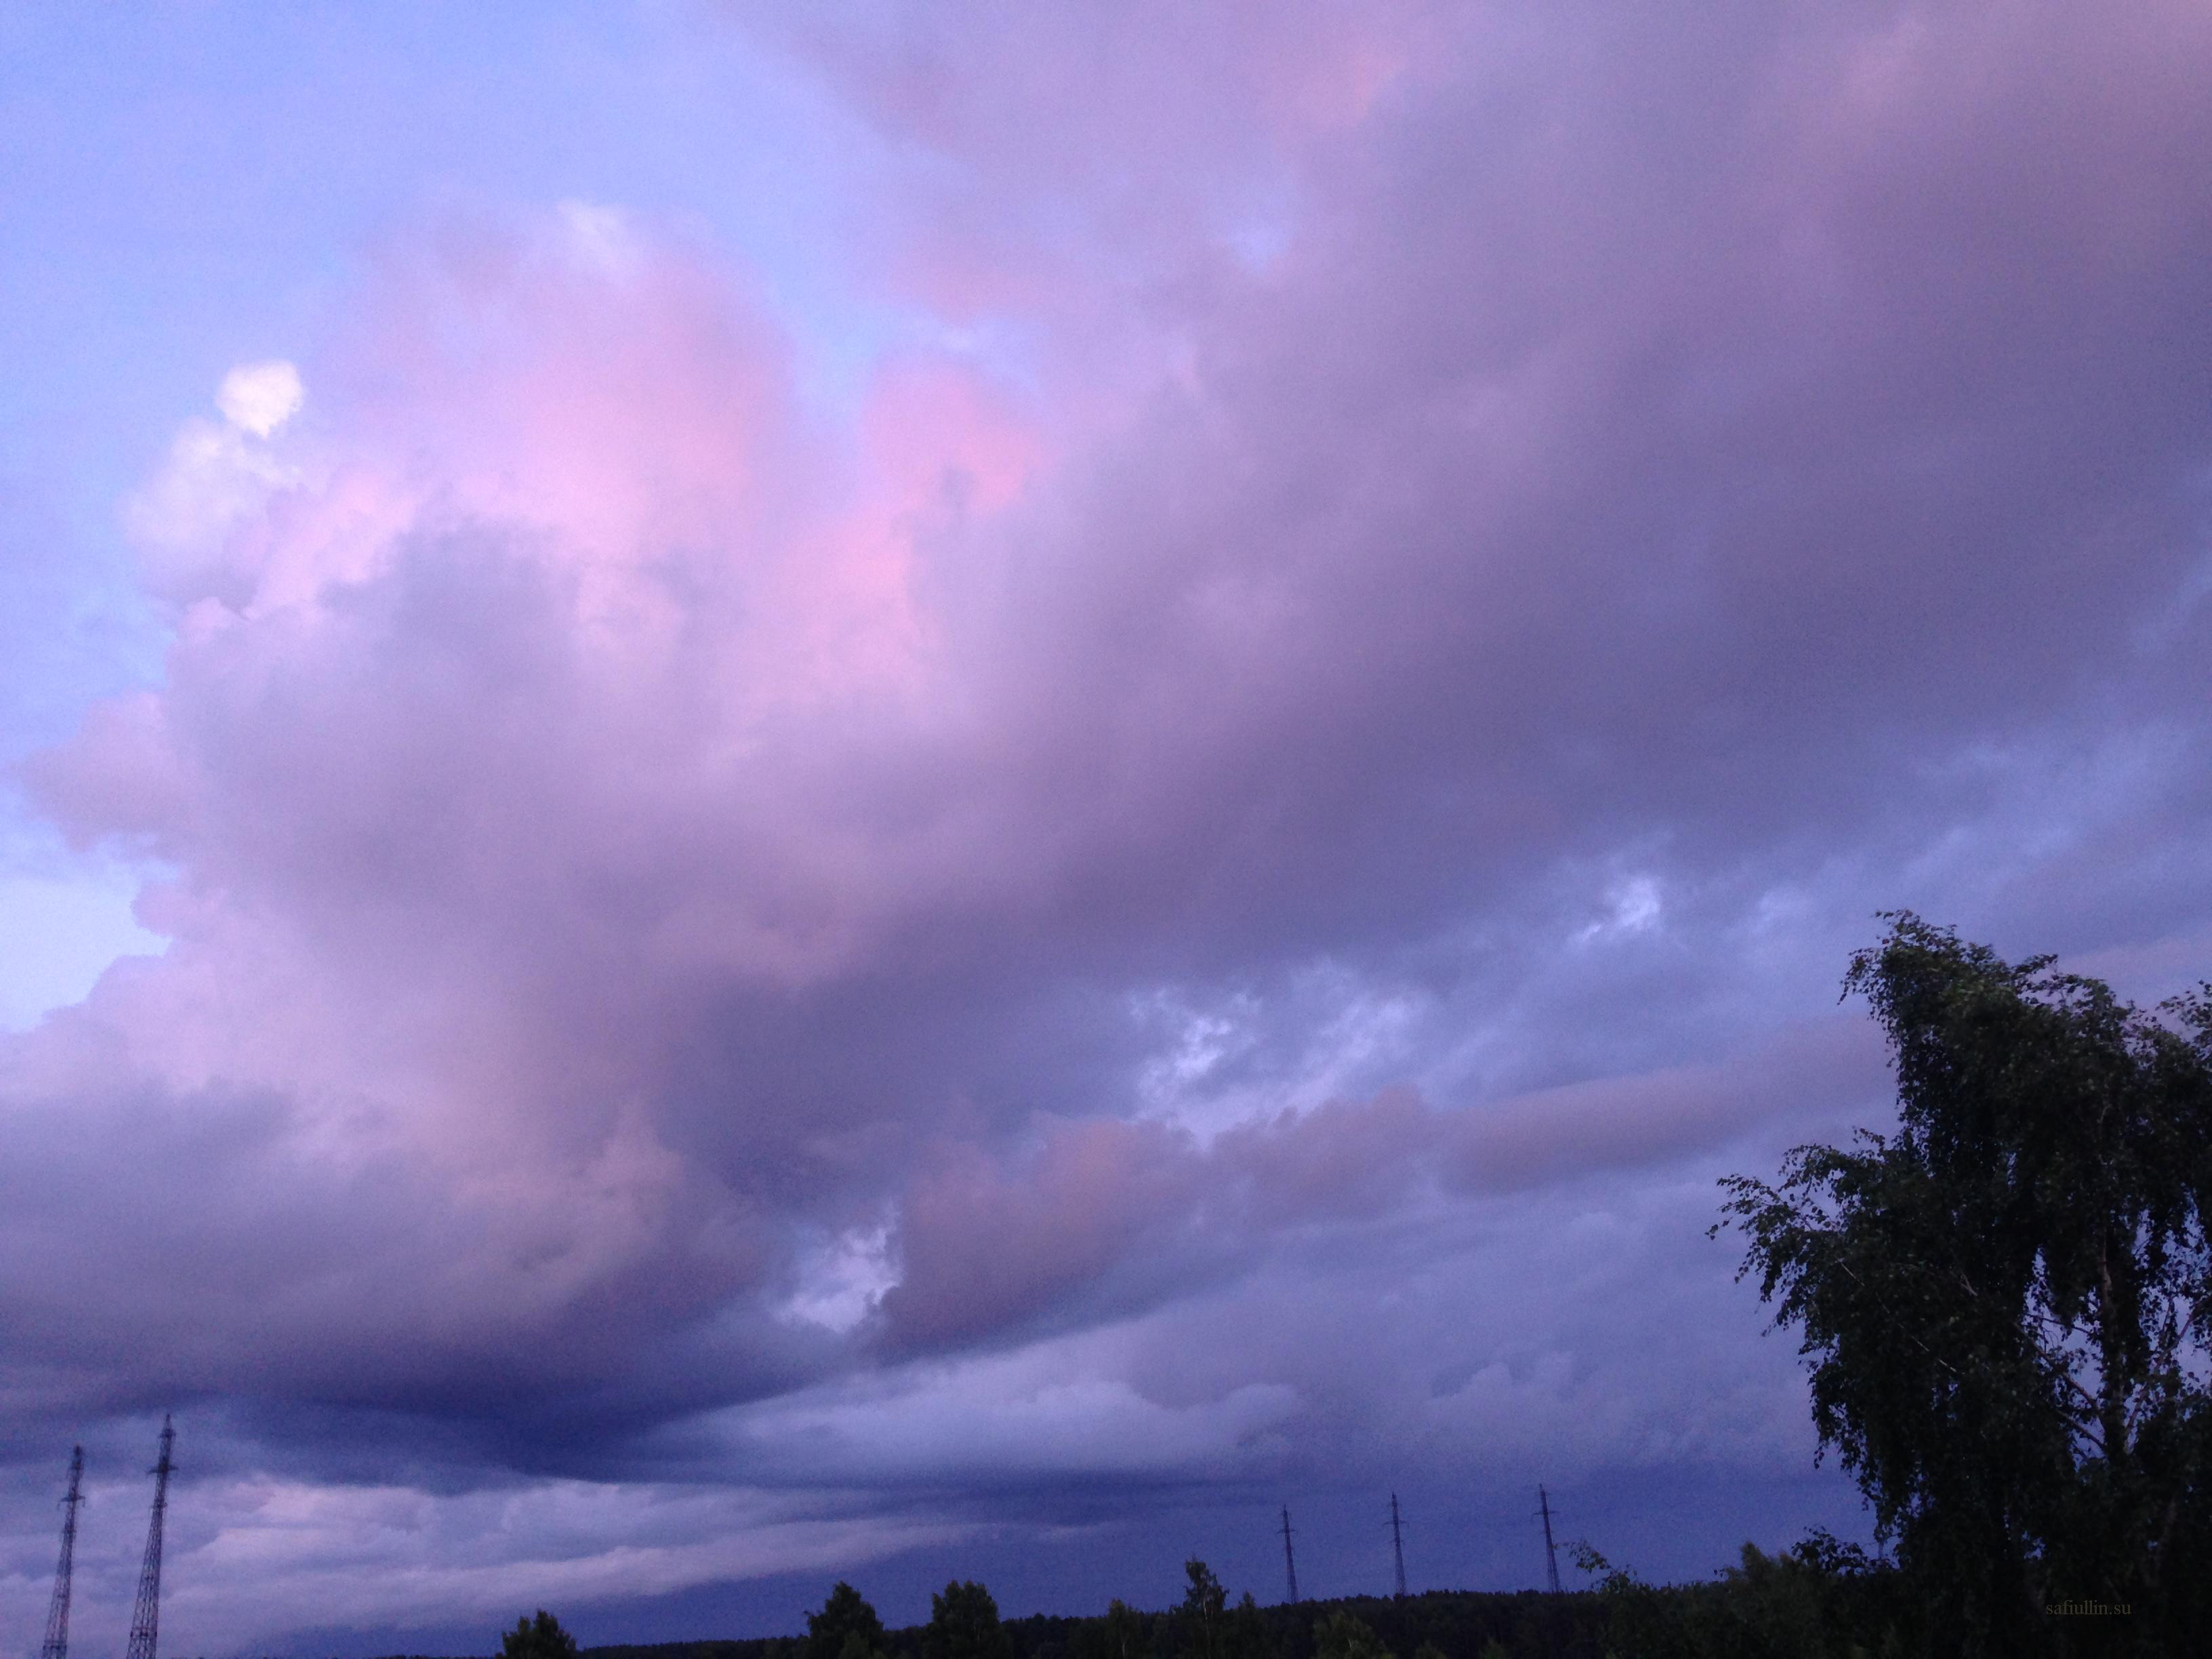 пейзажи природы альберт сафиуллин лето закат облака юрмала